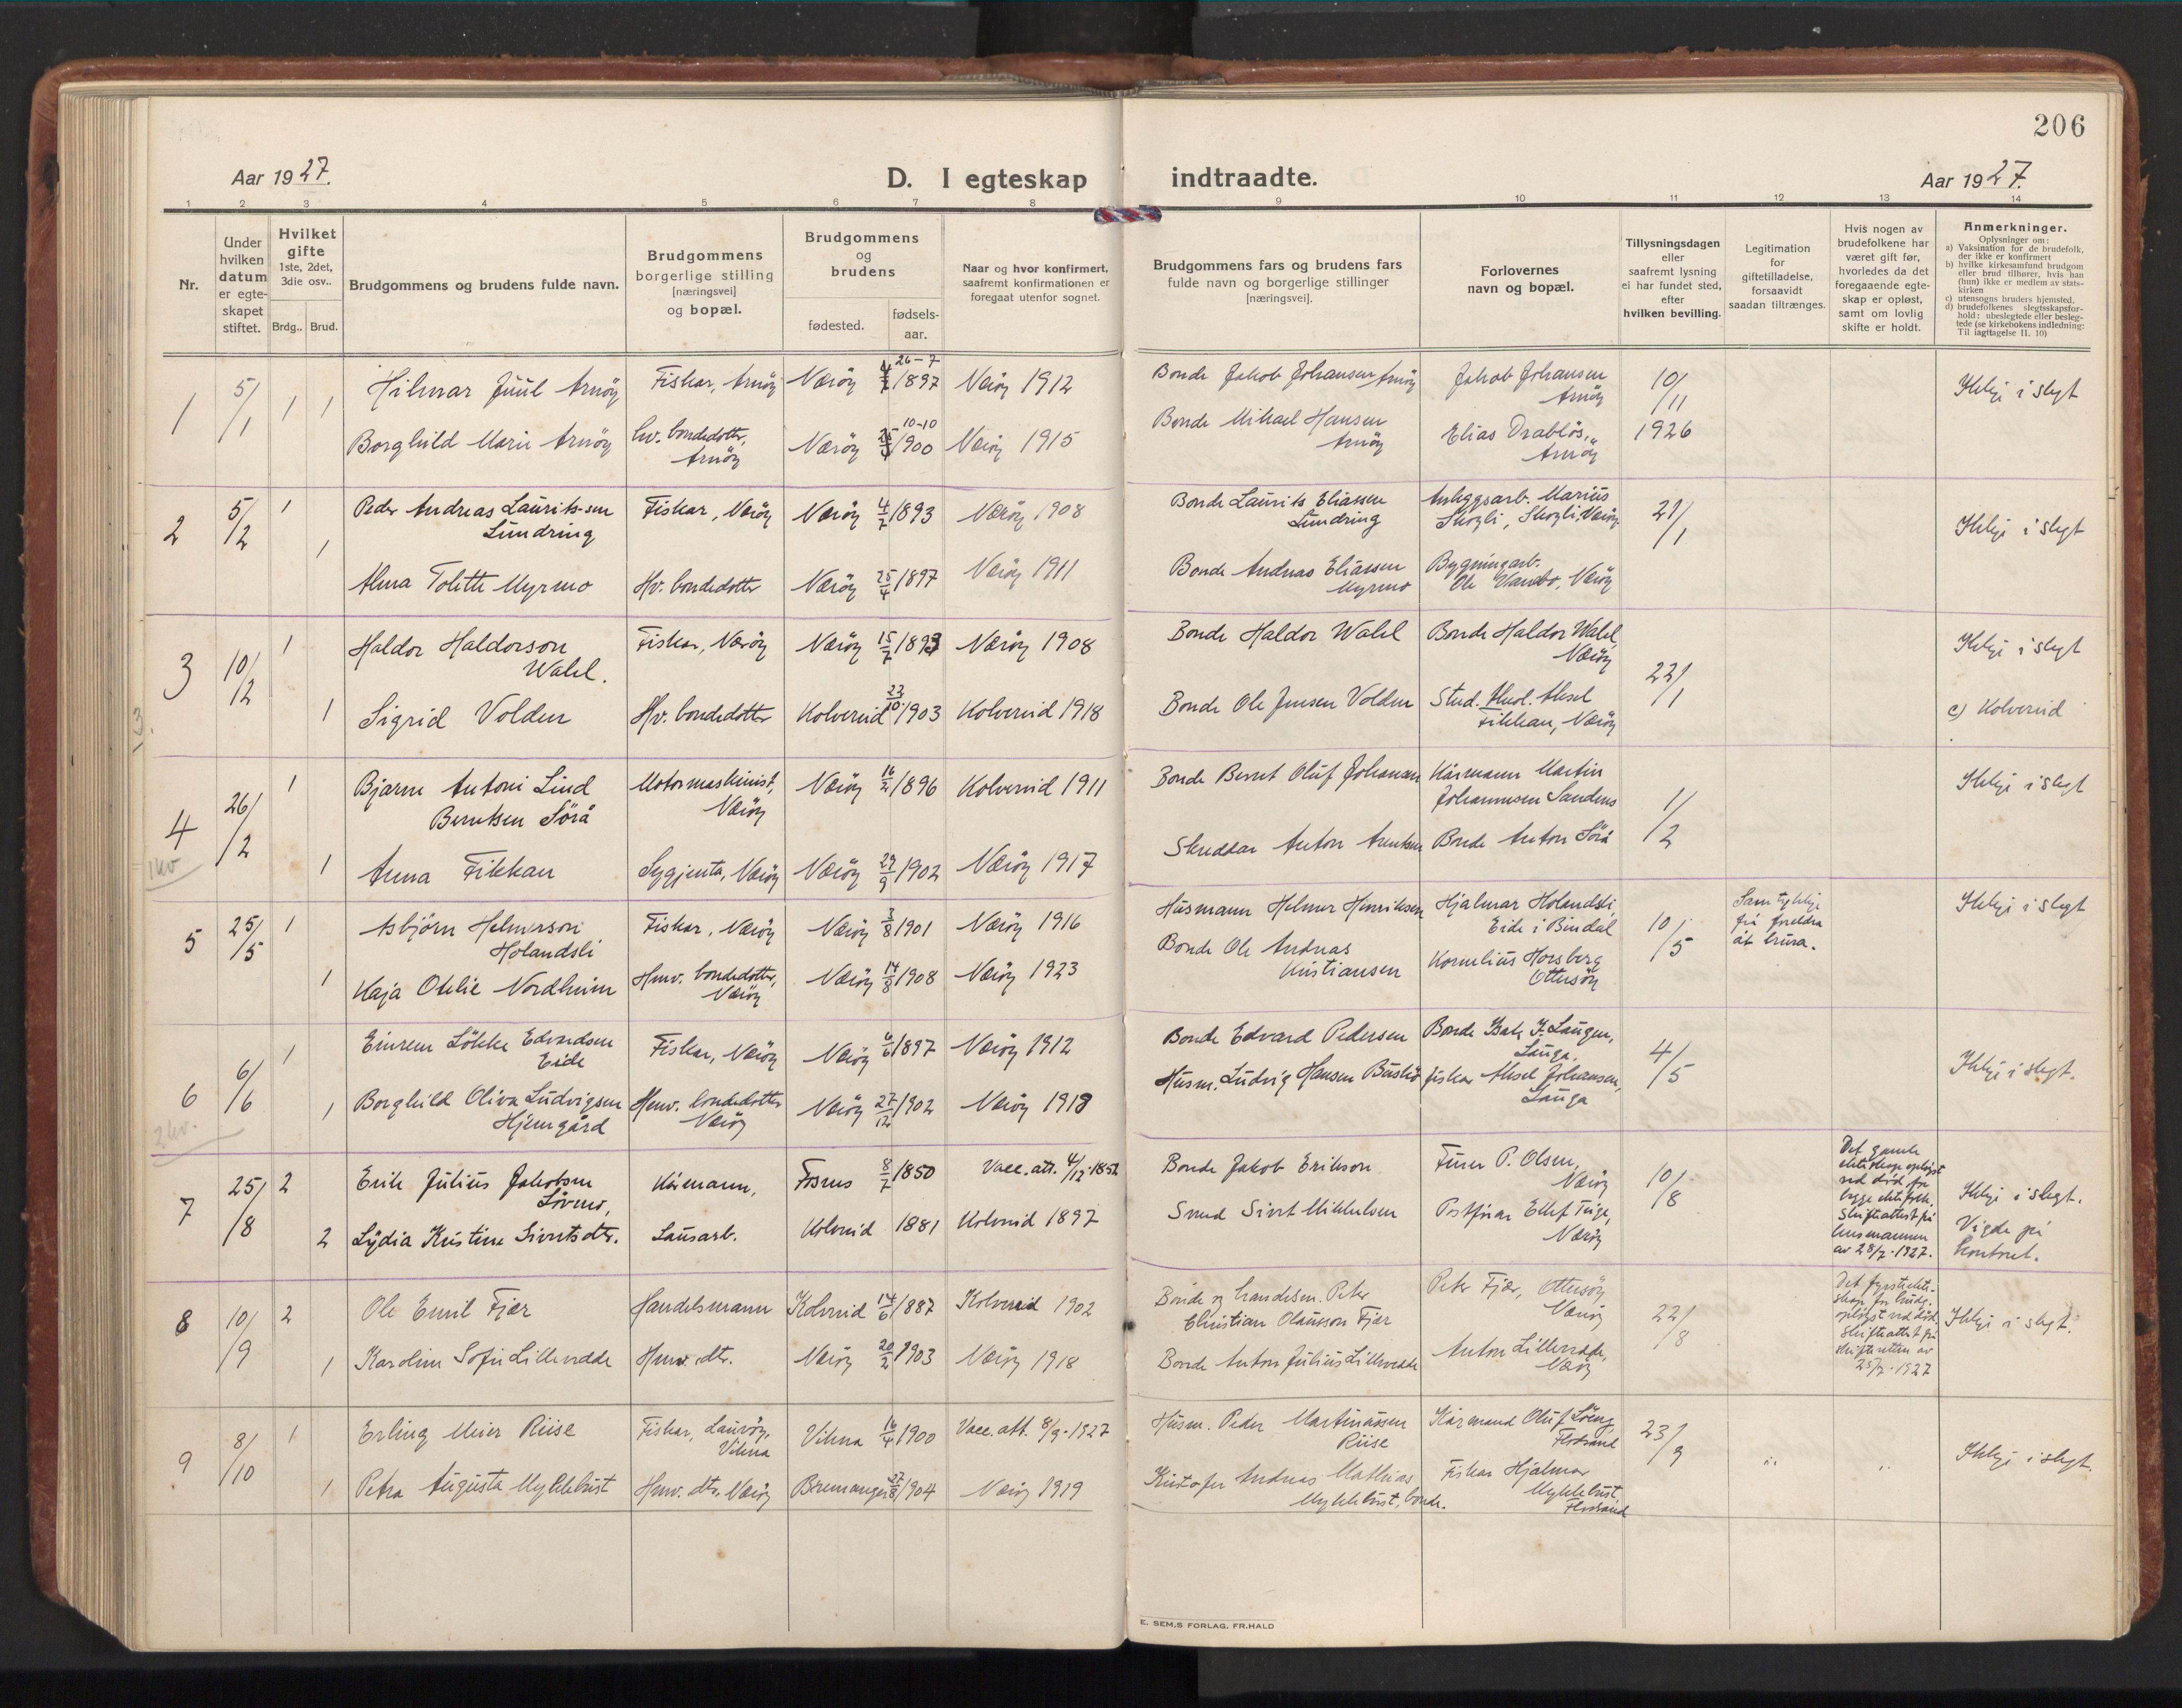 SAT, Ministerialprotokoller, klokkerbøker og fødselsregistre - Nord-Trøndelag, 784/L0678: Ministerialbok nr. 784A13, 1921-1938, s. 206